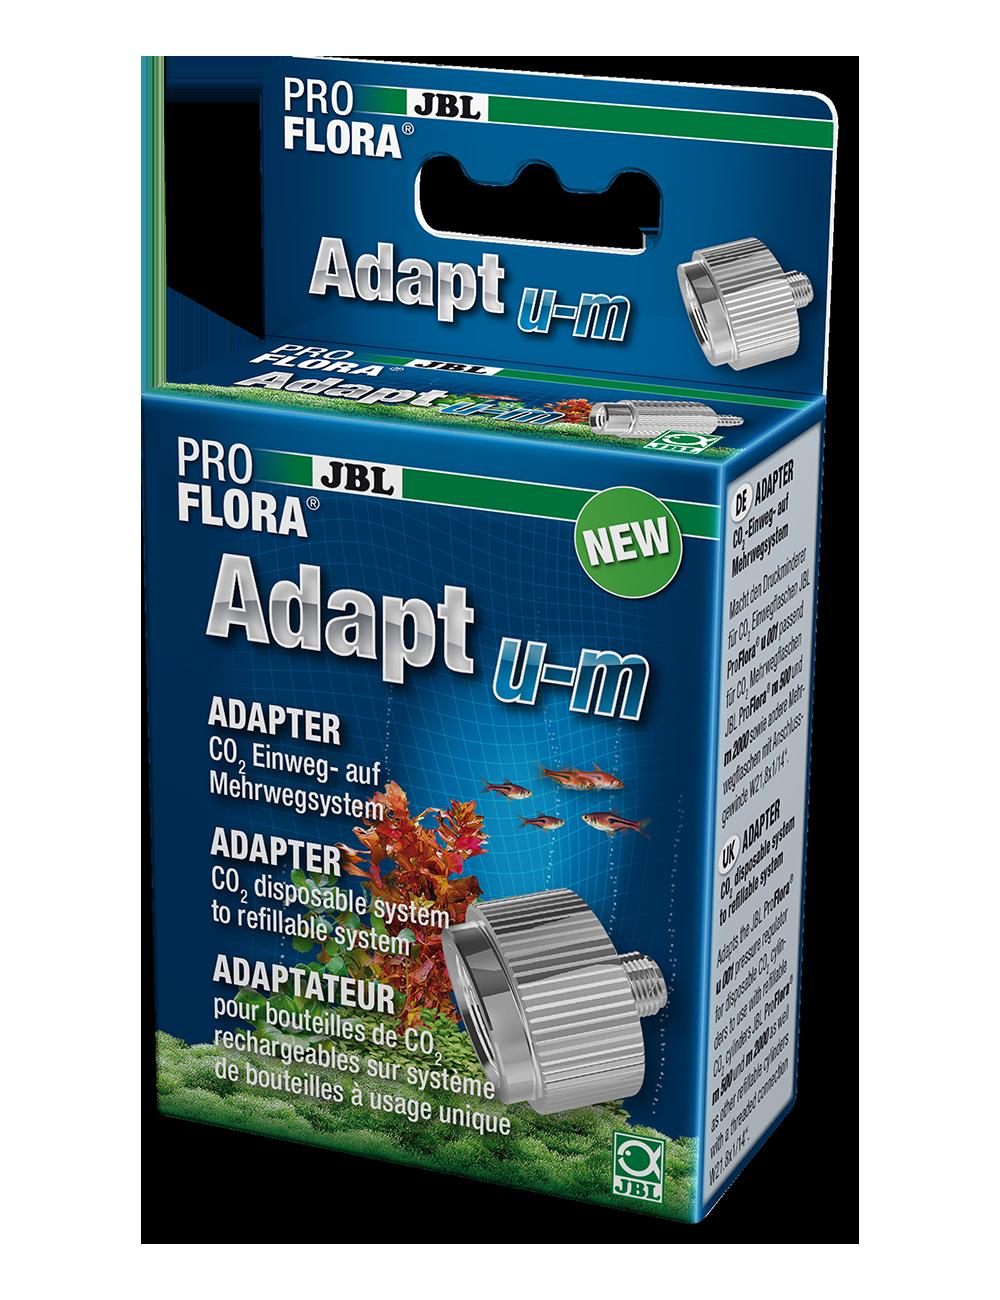 JBL - Adapt u-m 2 - Adaptateur pour bouteilles CO2